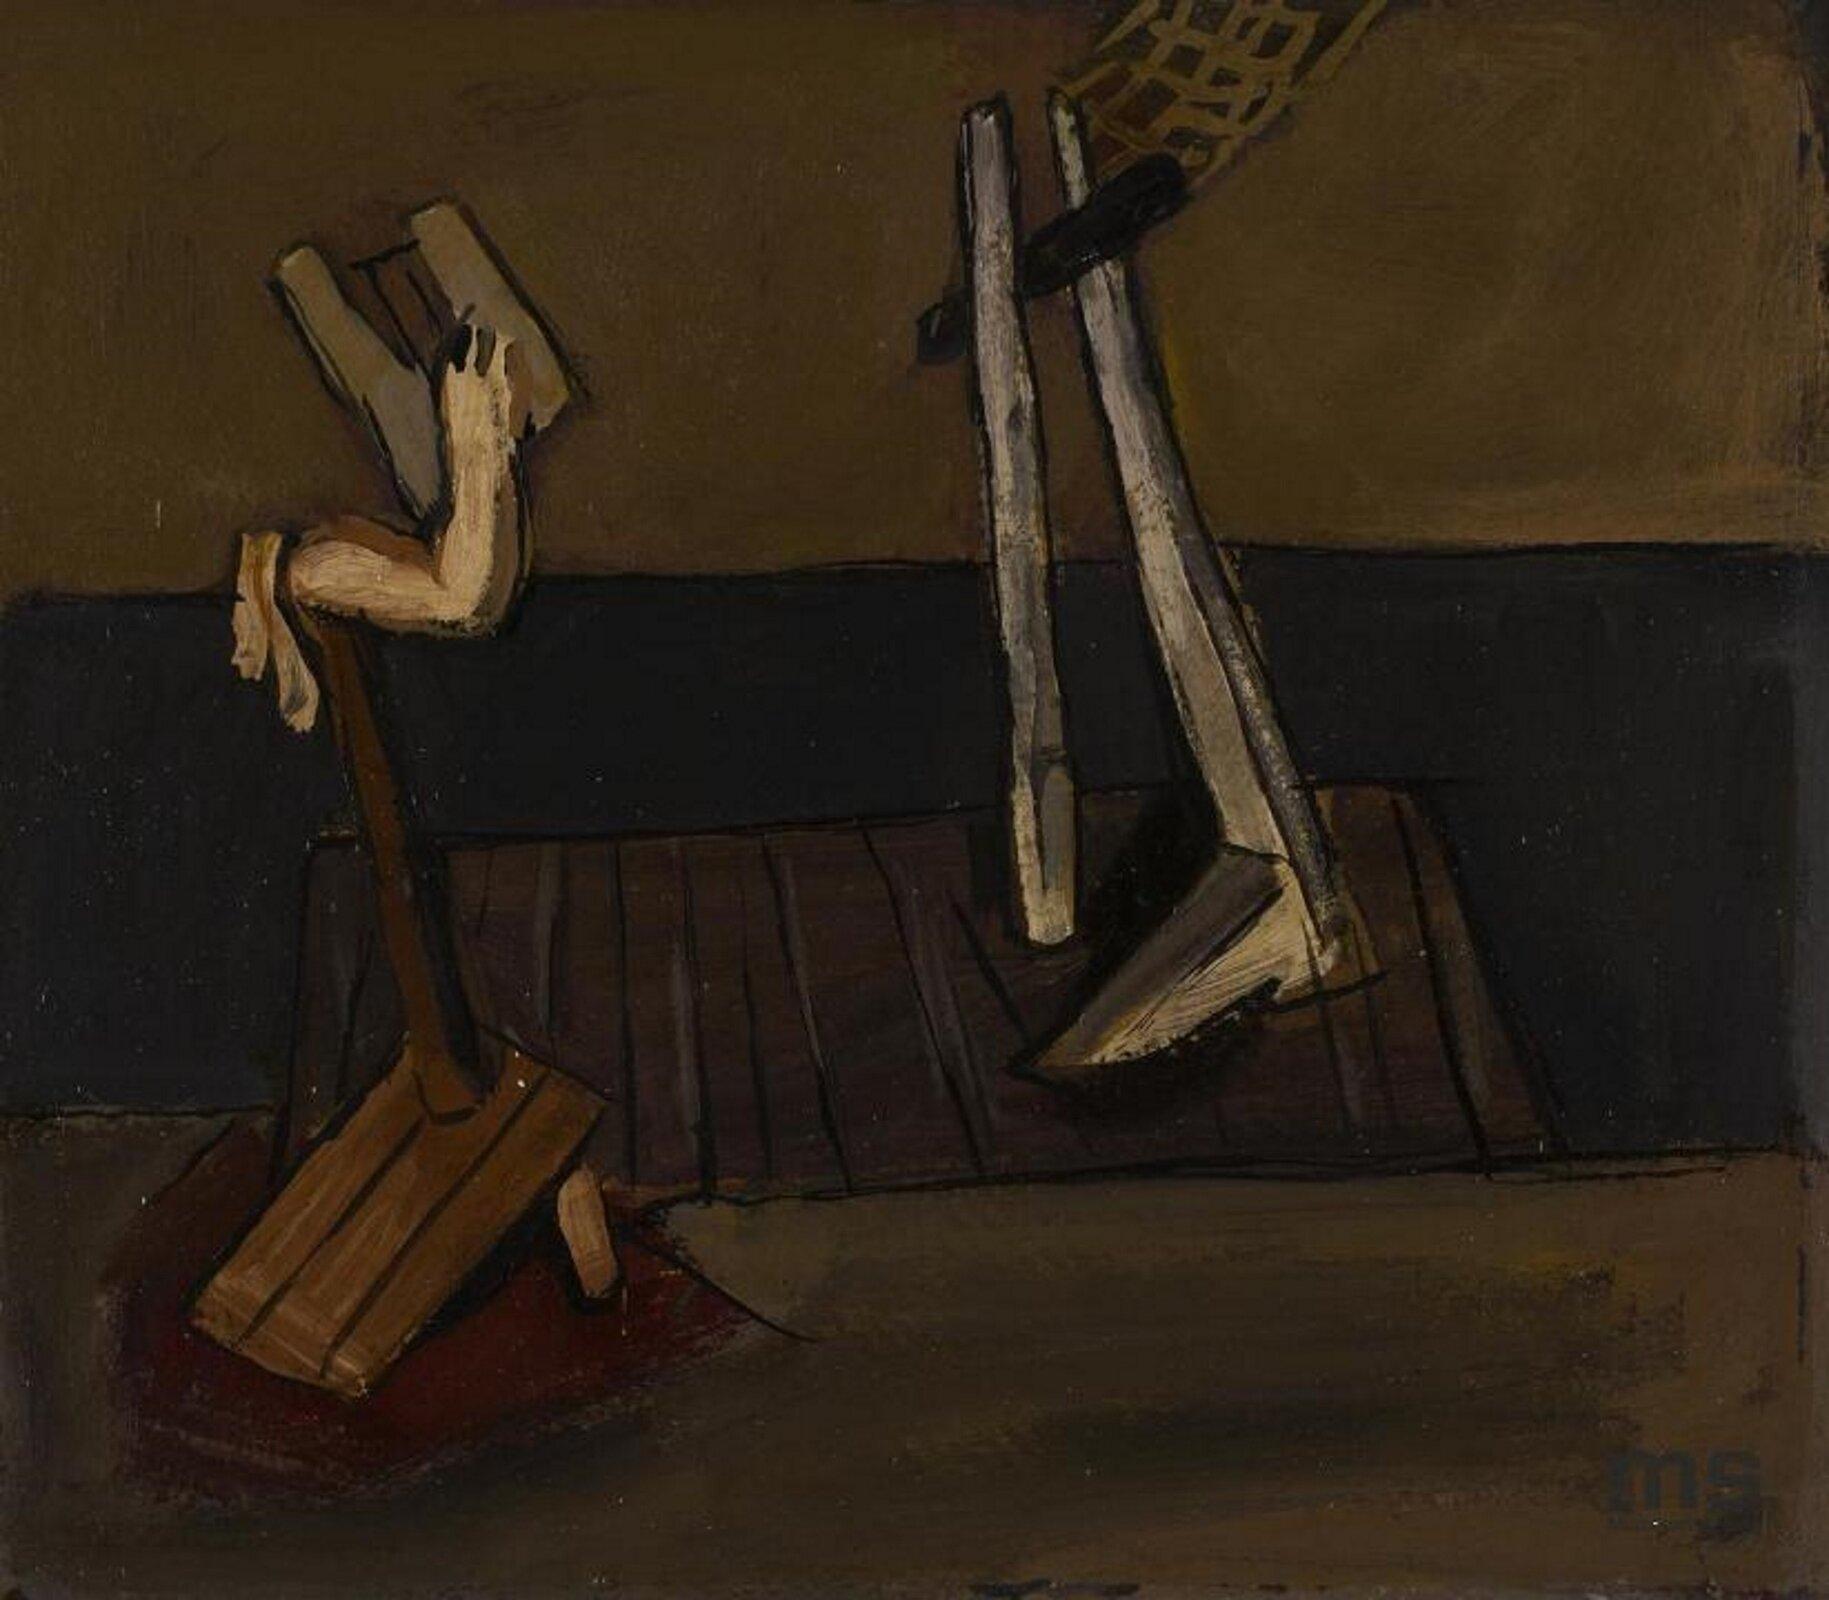 """Ilustracja przedstawia obraz Tadeusza Kantora, będący jednocześnie projektem do inscenizacji """"Powrót Odysa"""". Po prawej stronie na pomoście stoi jedna drewniana noga podparta przymocowanym kijem. Naprzeciw znajduje się trzymająca prowizoryczny instrument strunowy ręka, zamocowana do drewnianej podstawy. Cała praca utrzymana jest wciemnych brązach."""